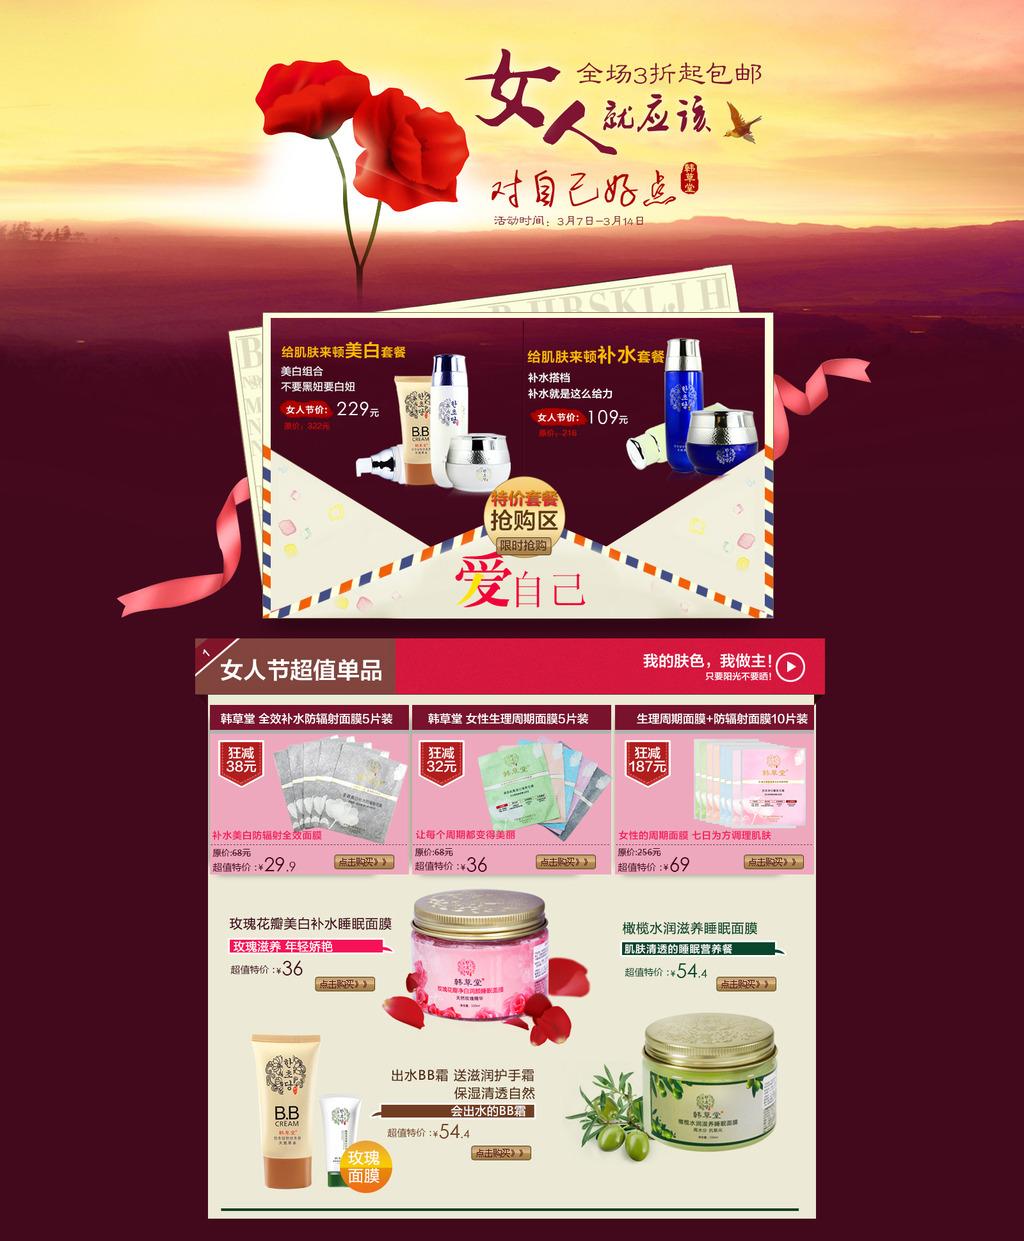 模板/[版权图片]母亲节妇女节淘宝化妆品店模板